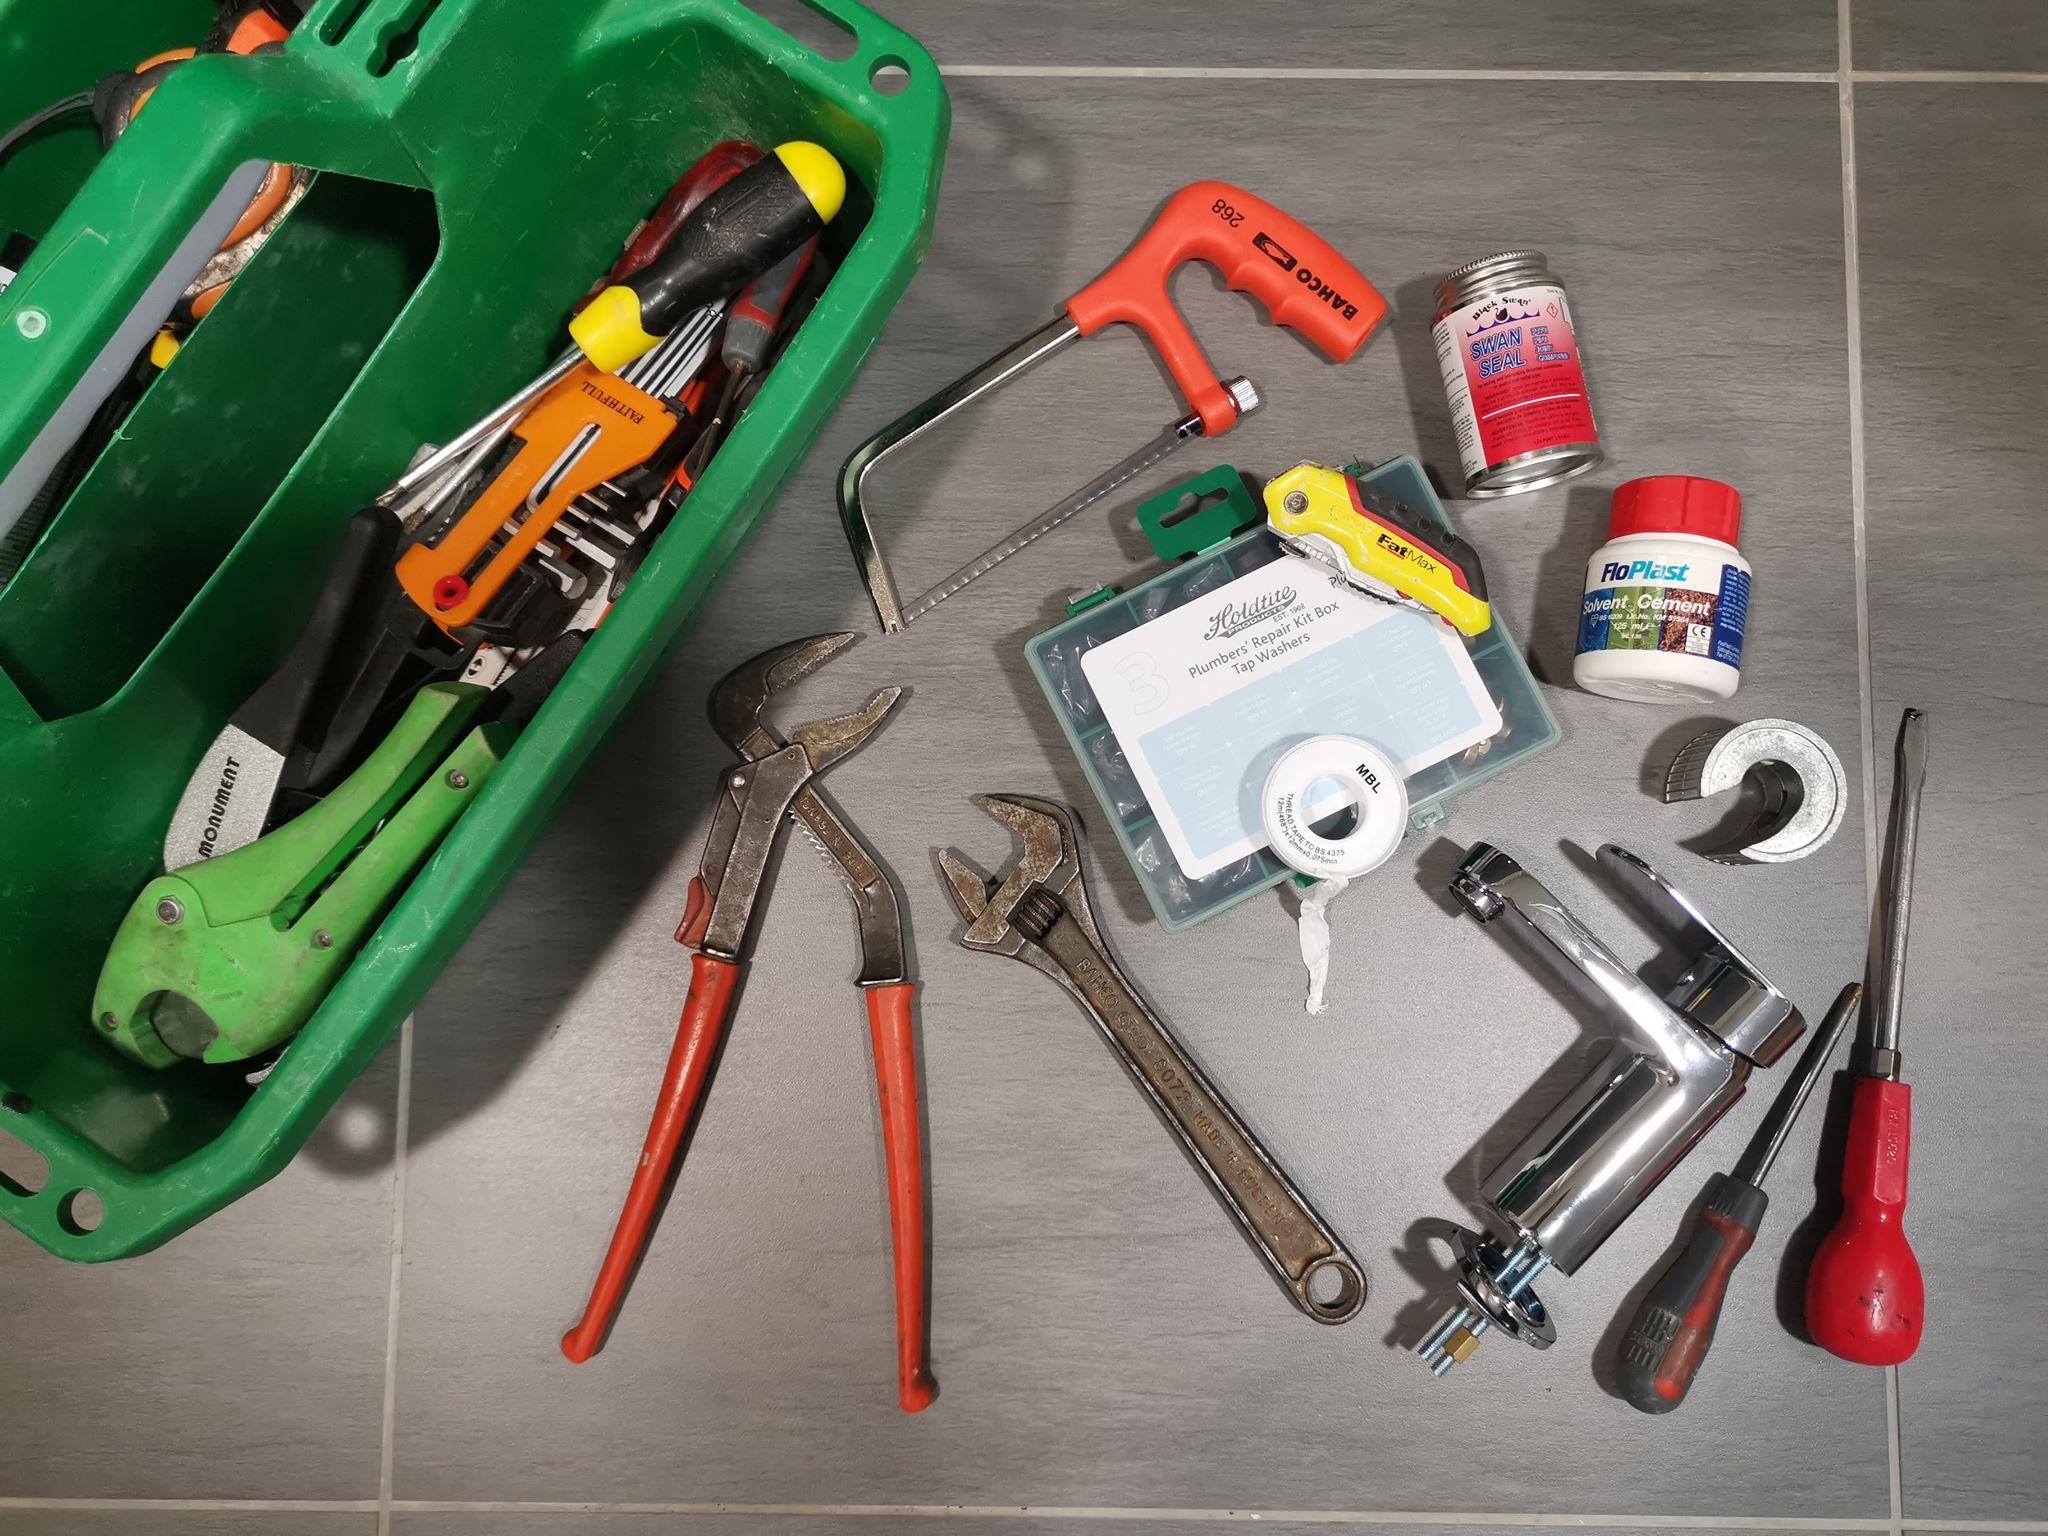 10 must have items in your Home DIY Plumbing Repair Kit